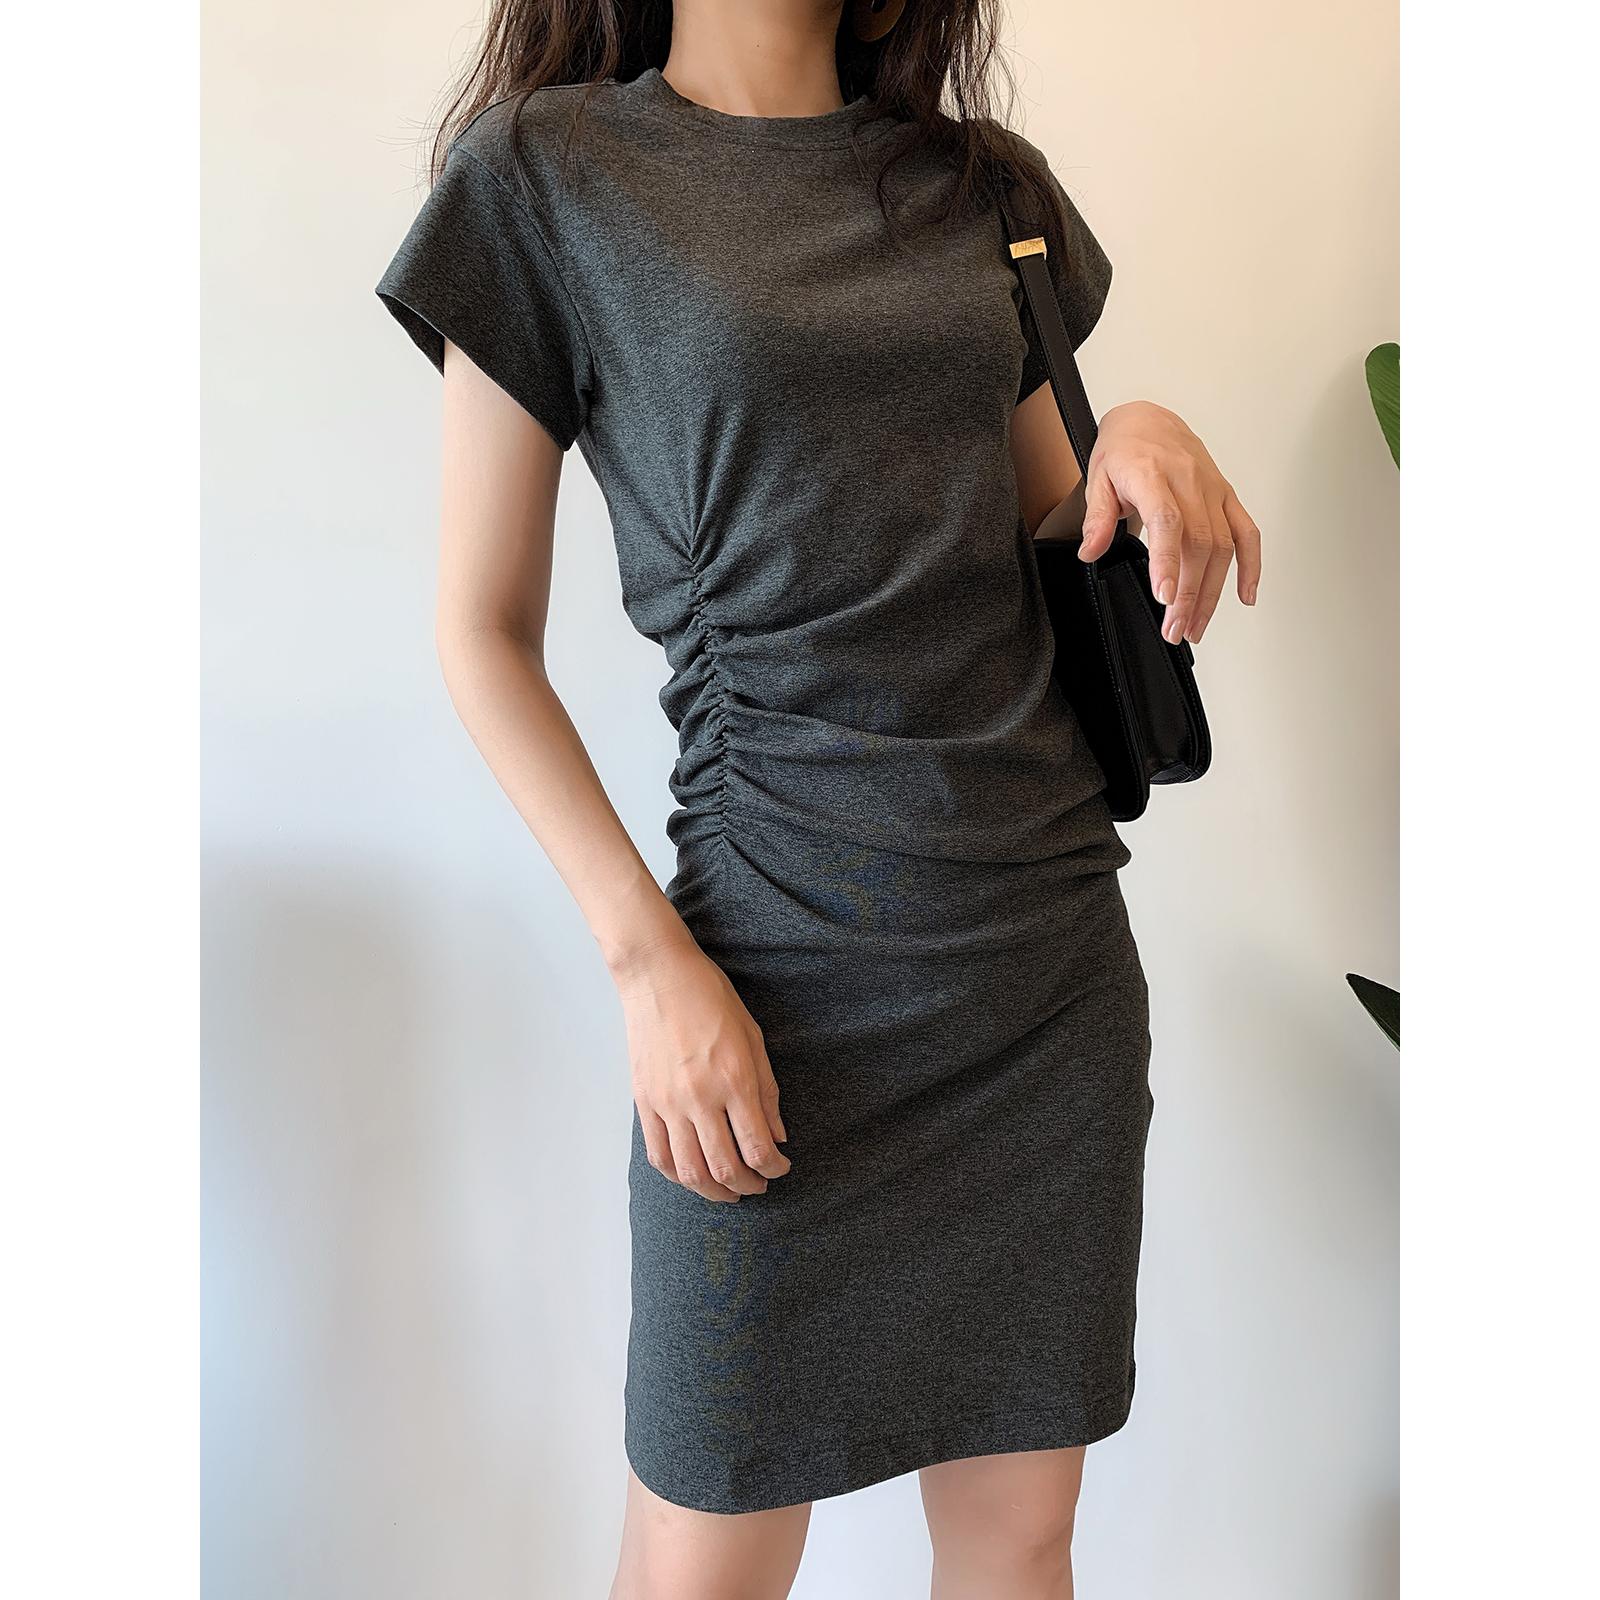 AYUGONA 春夏新款 别致时髦灰色Chic褶皱收腰棉质T恤裙显瘦连衣裙